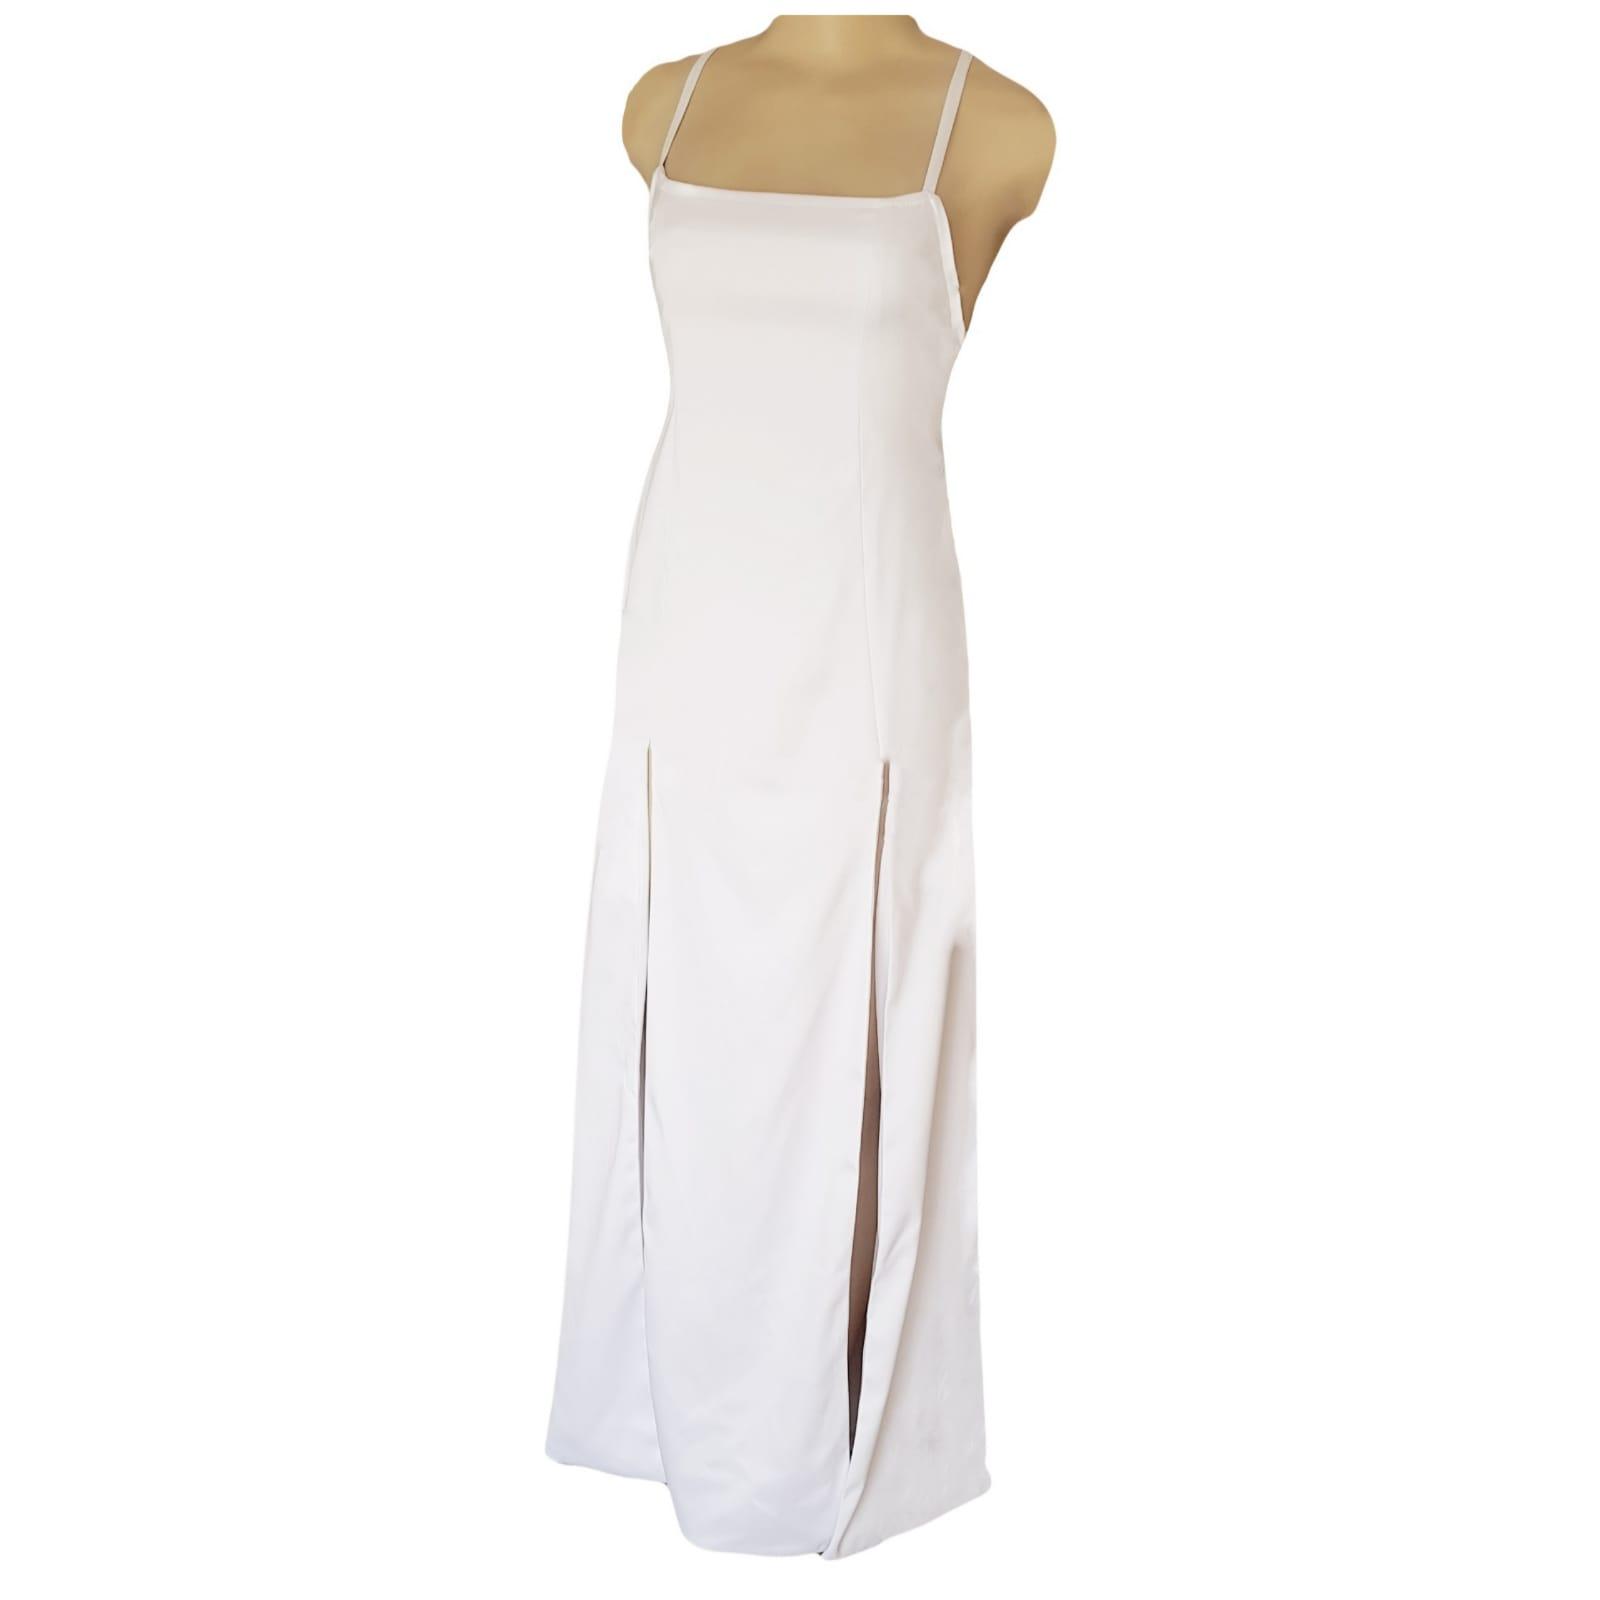 Vestido de finalistas longo de cetim branco com costas abertas 7 vestido de finalistas longo de cetim branco com costas abertas, com detalhe de fitas. Decote reto, 2 fendas e um trem.